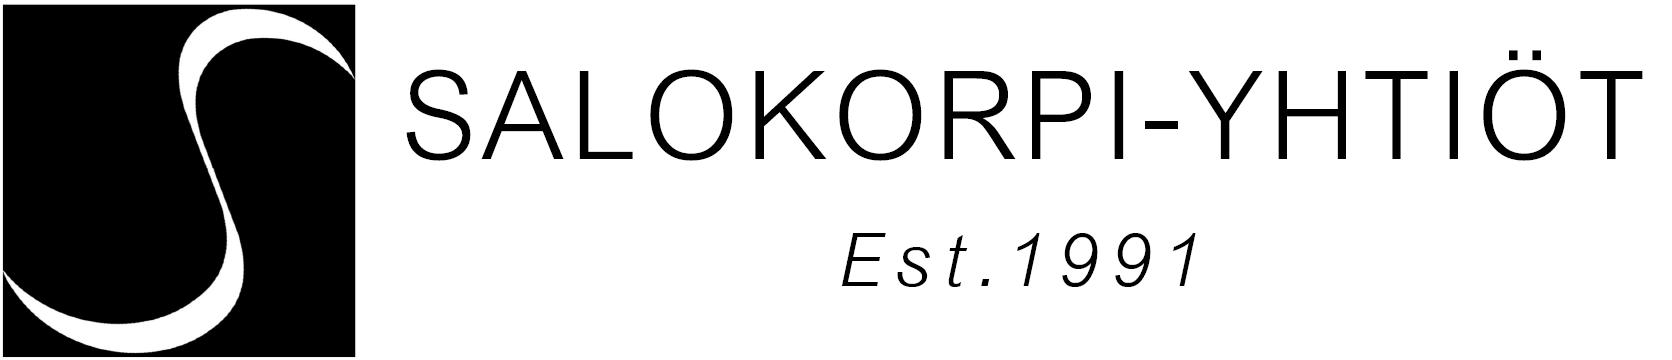 Salokorpi-yhtiöt Oy